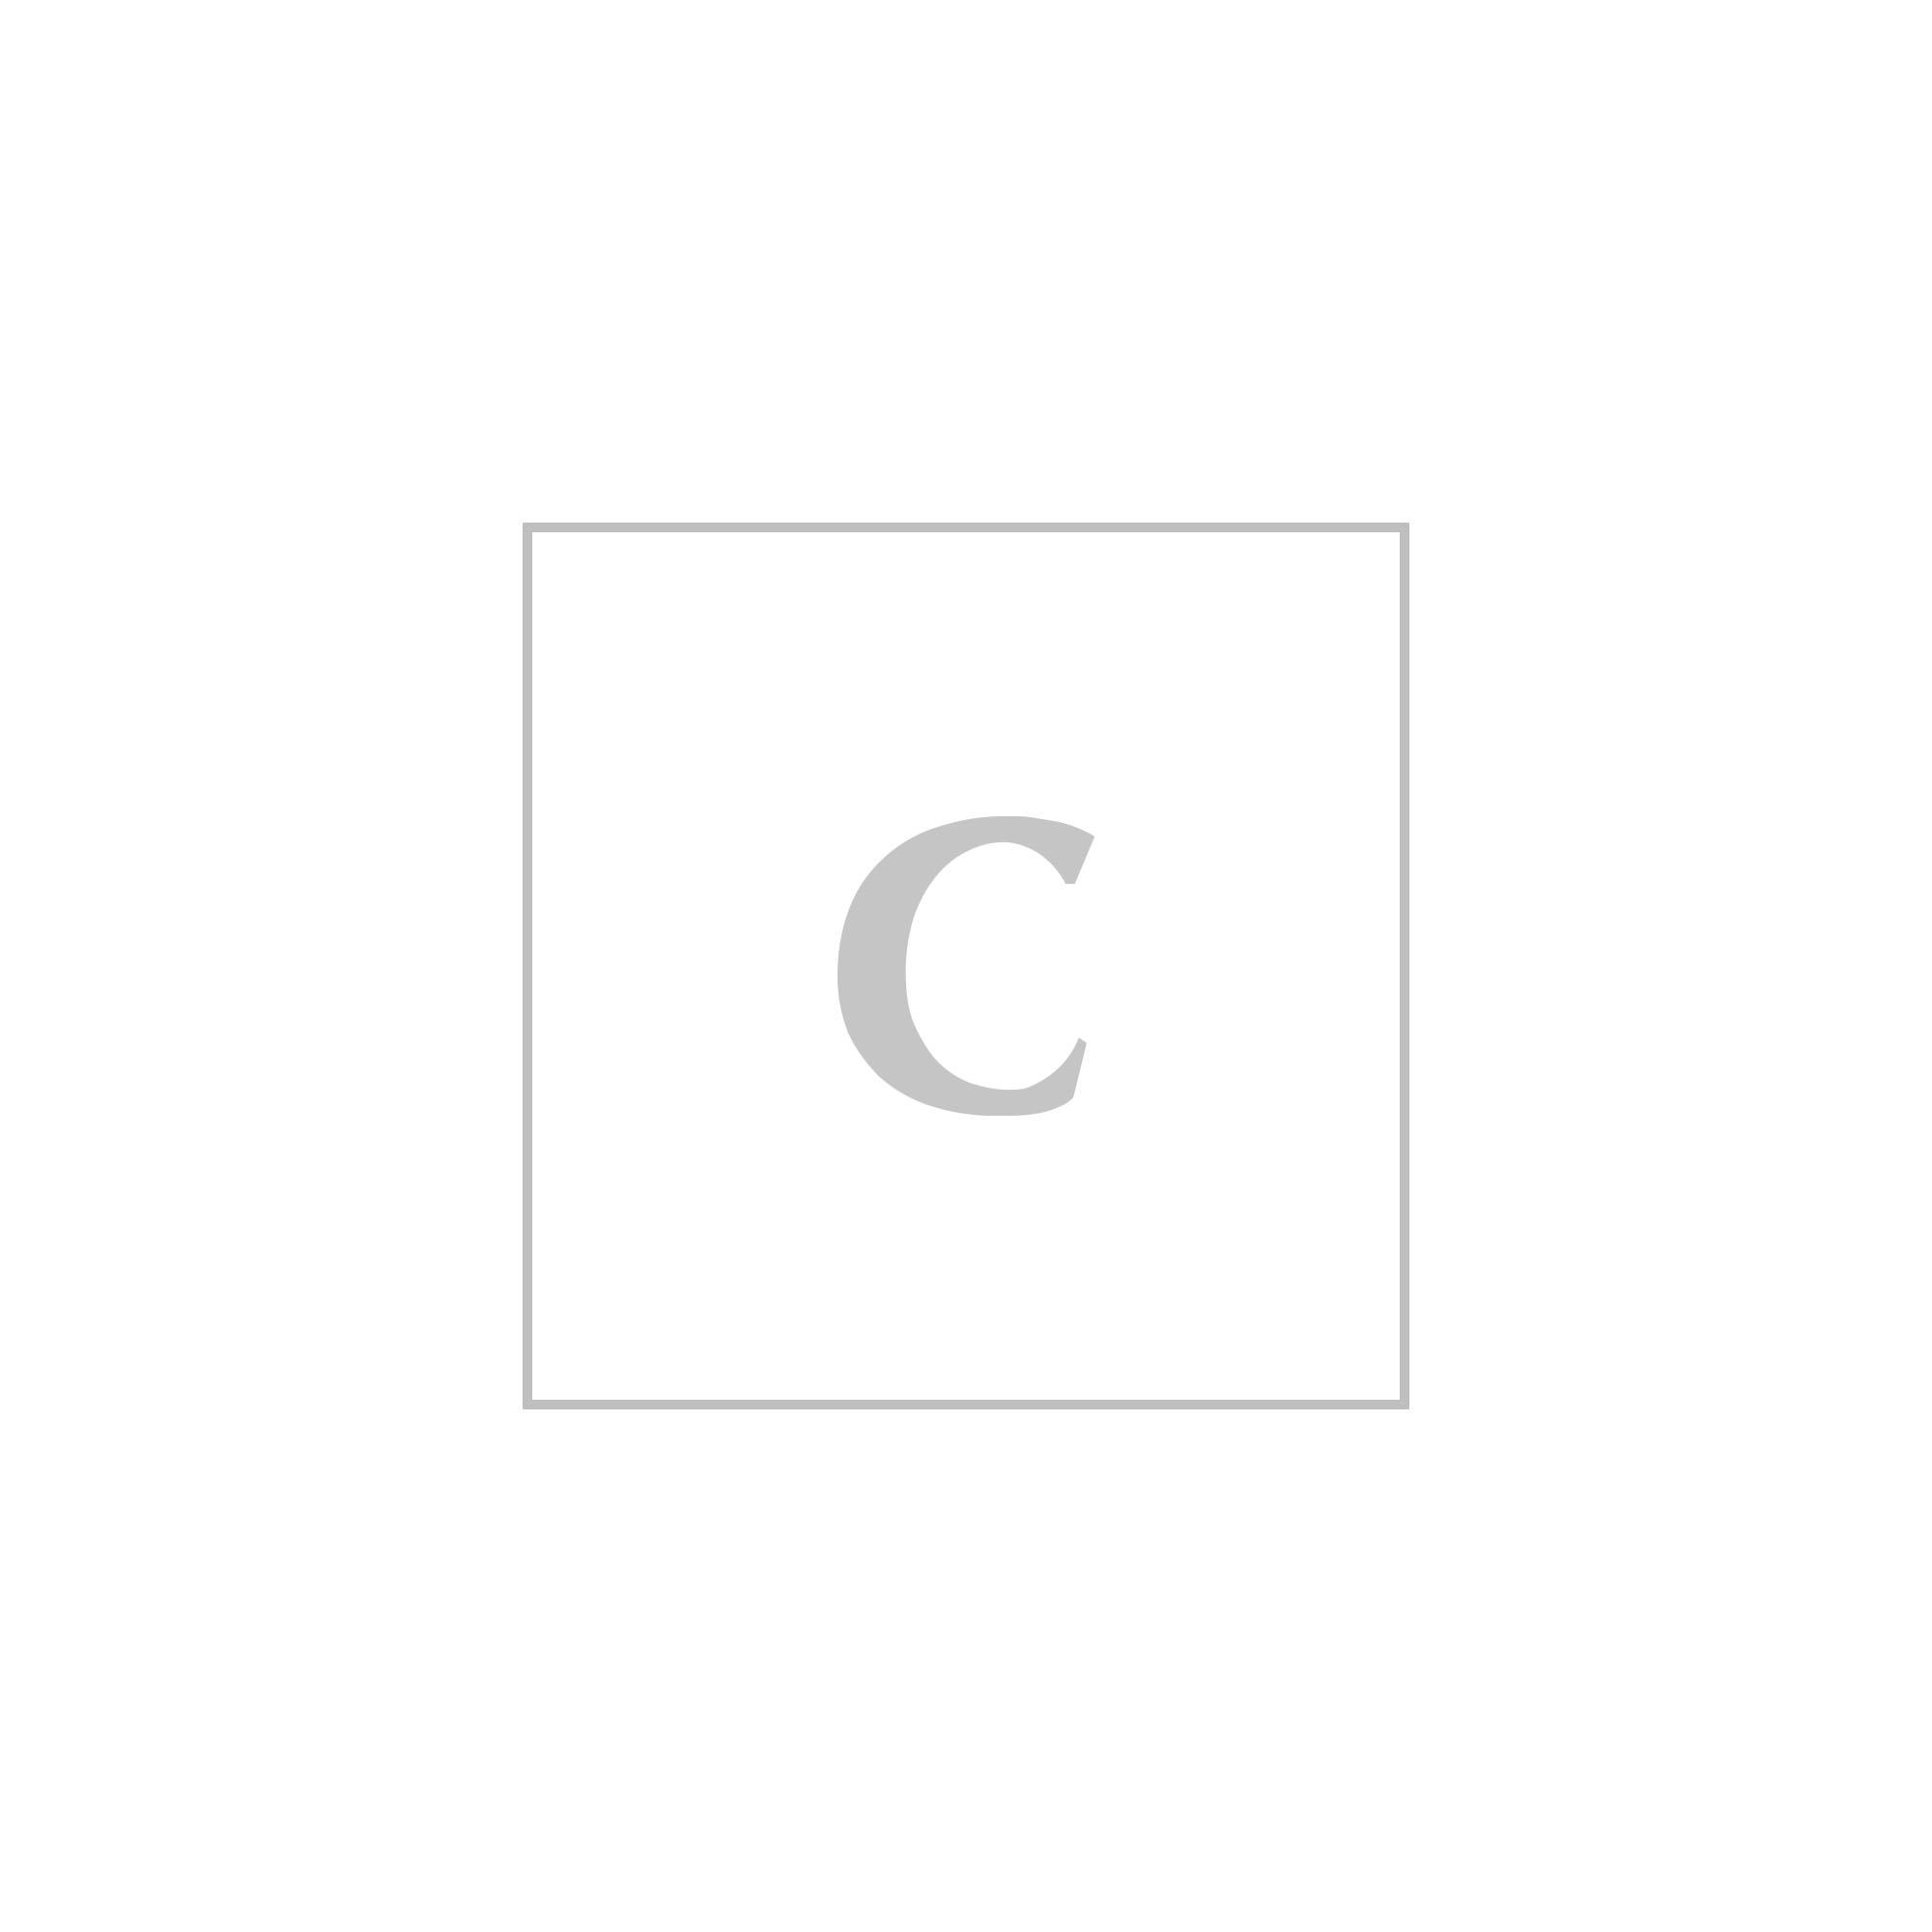 Salvatore ferragamo firenze logo clutch